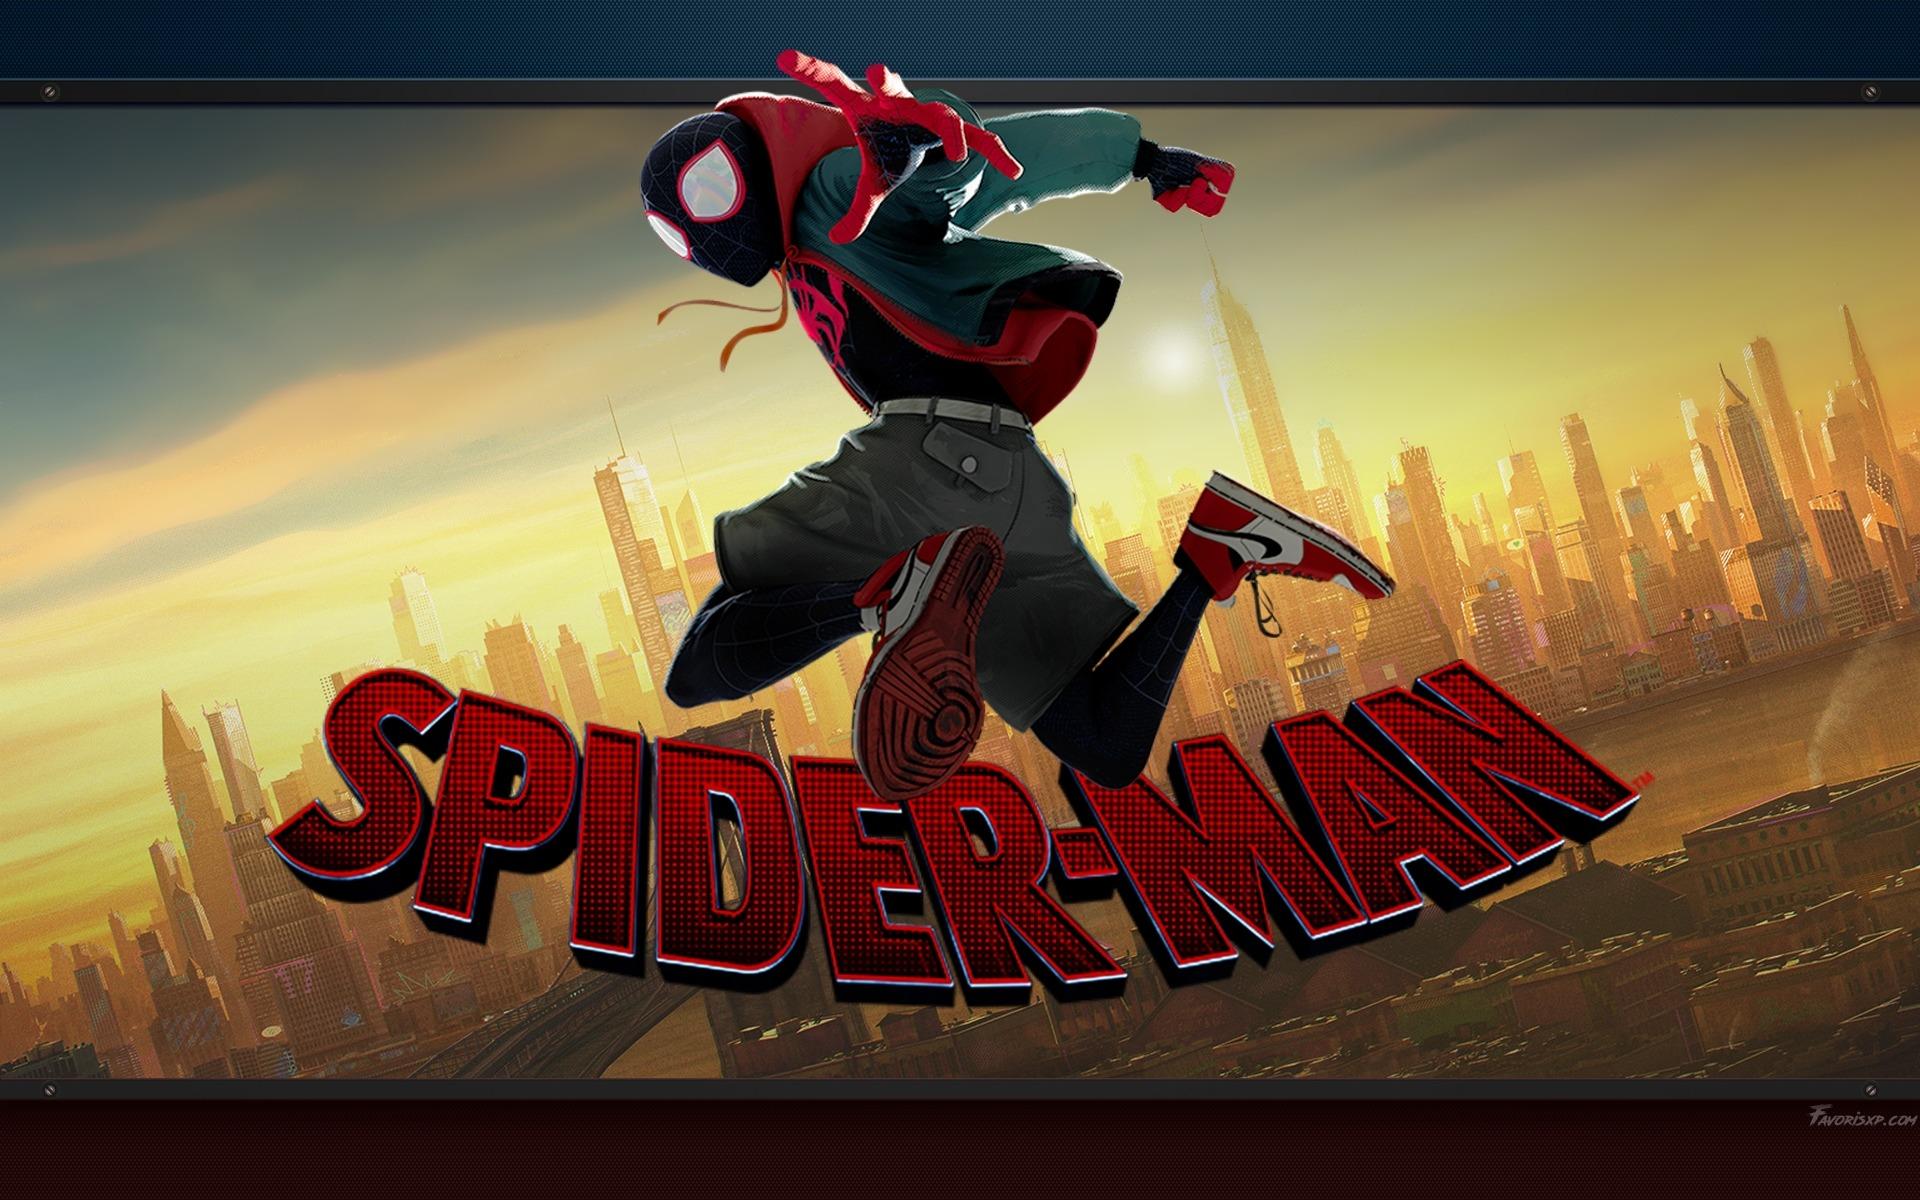 spiderman new generation fonds d'écran  wallpapers pour